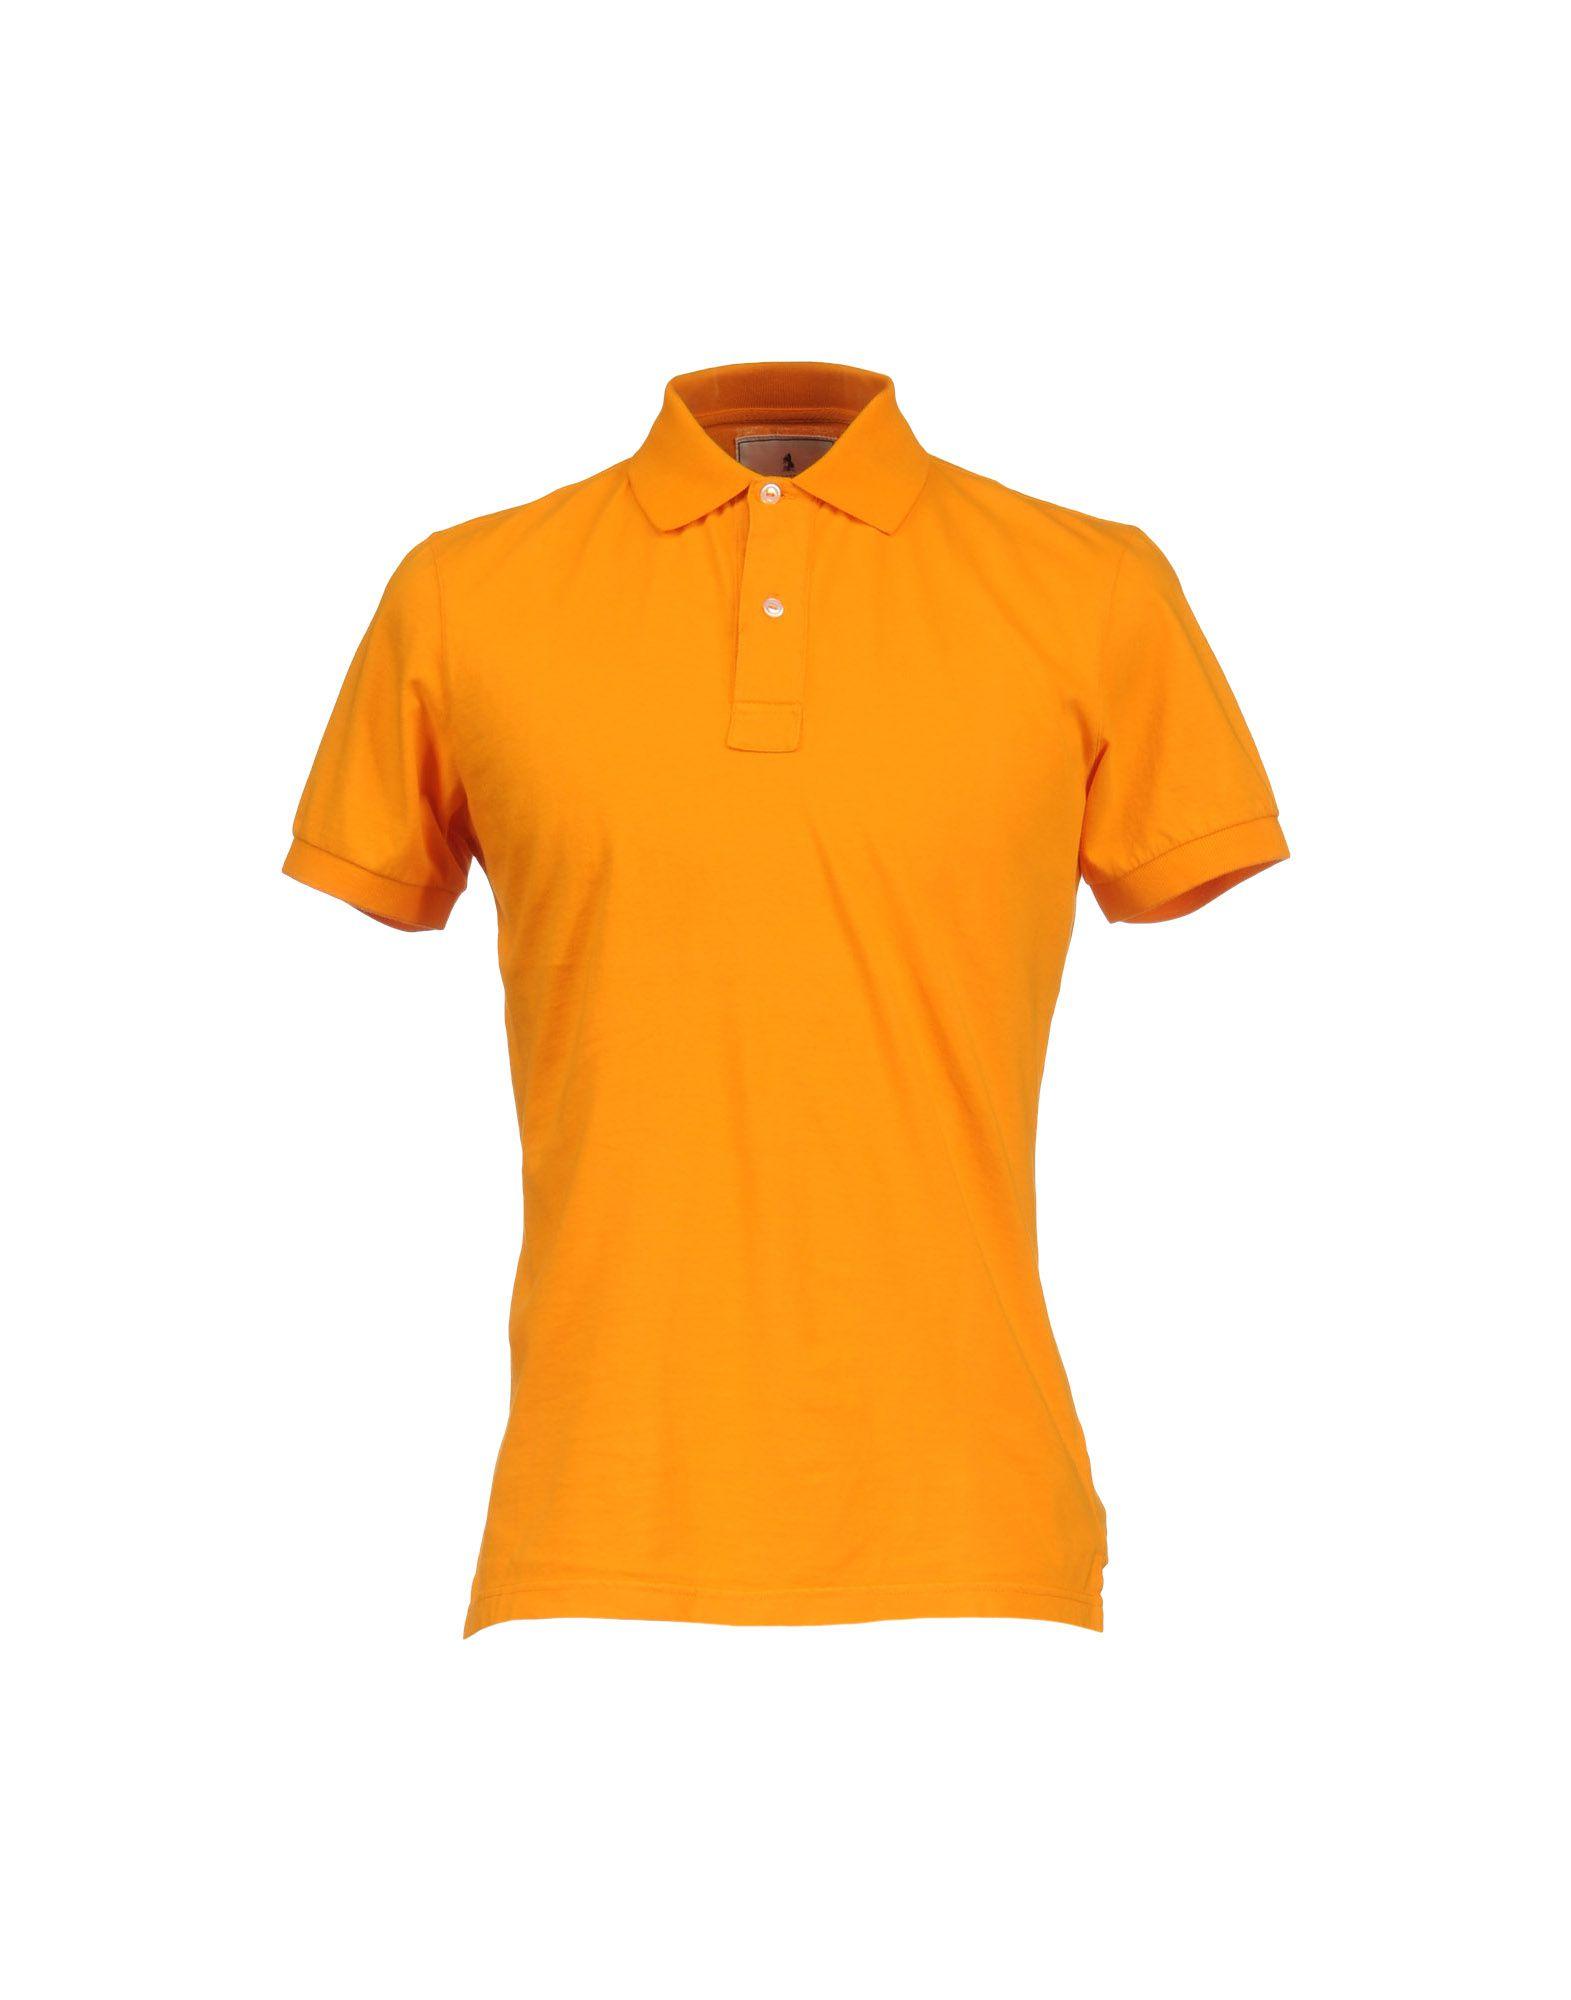 Alain polo shirt in orange for men lyst for Orange polo shirt mens